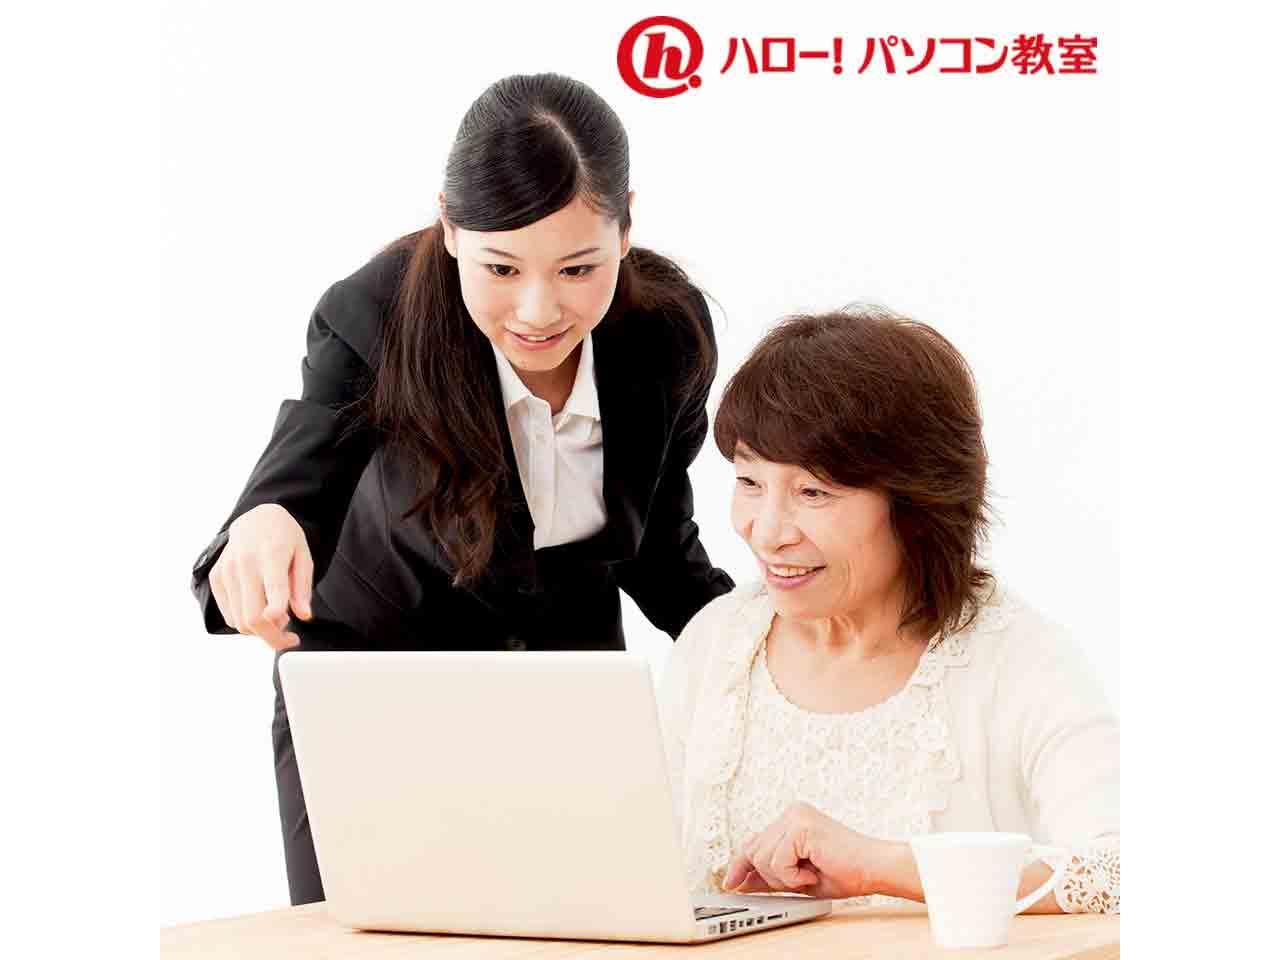 ハロー!パソコン教室 - ミスターマックス湘南藤沢校